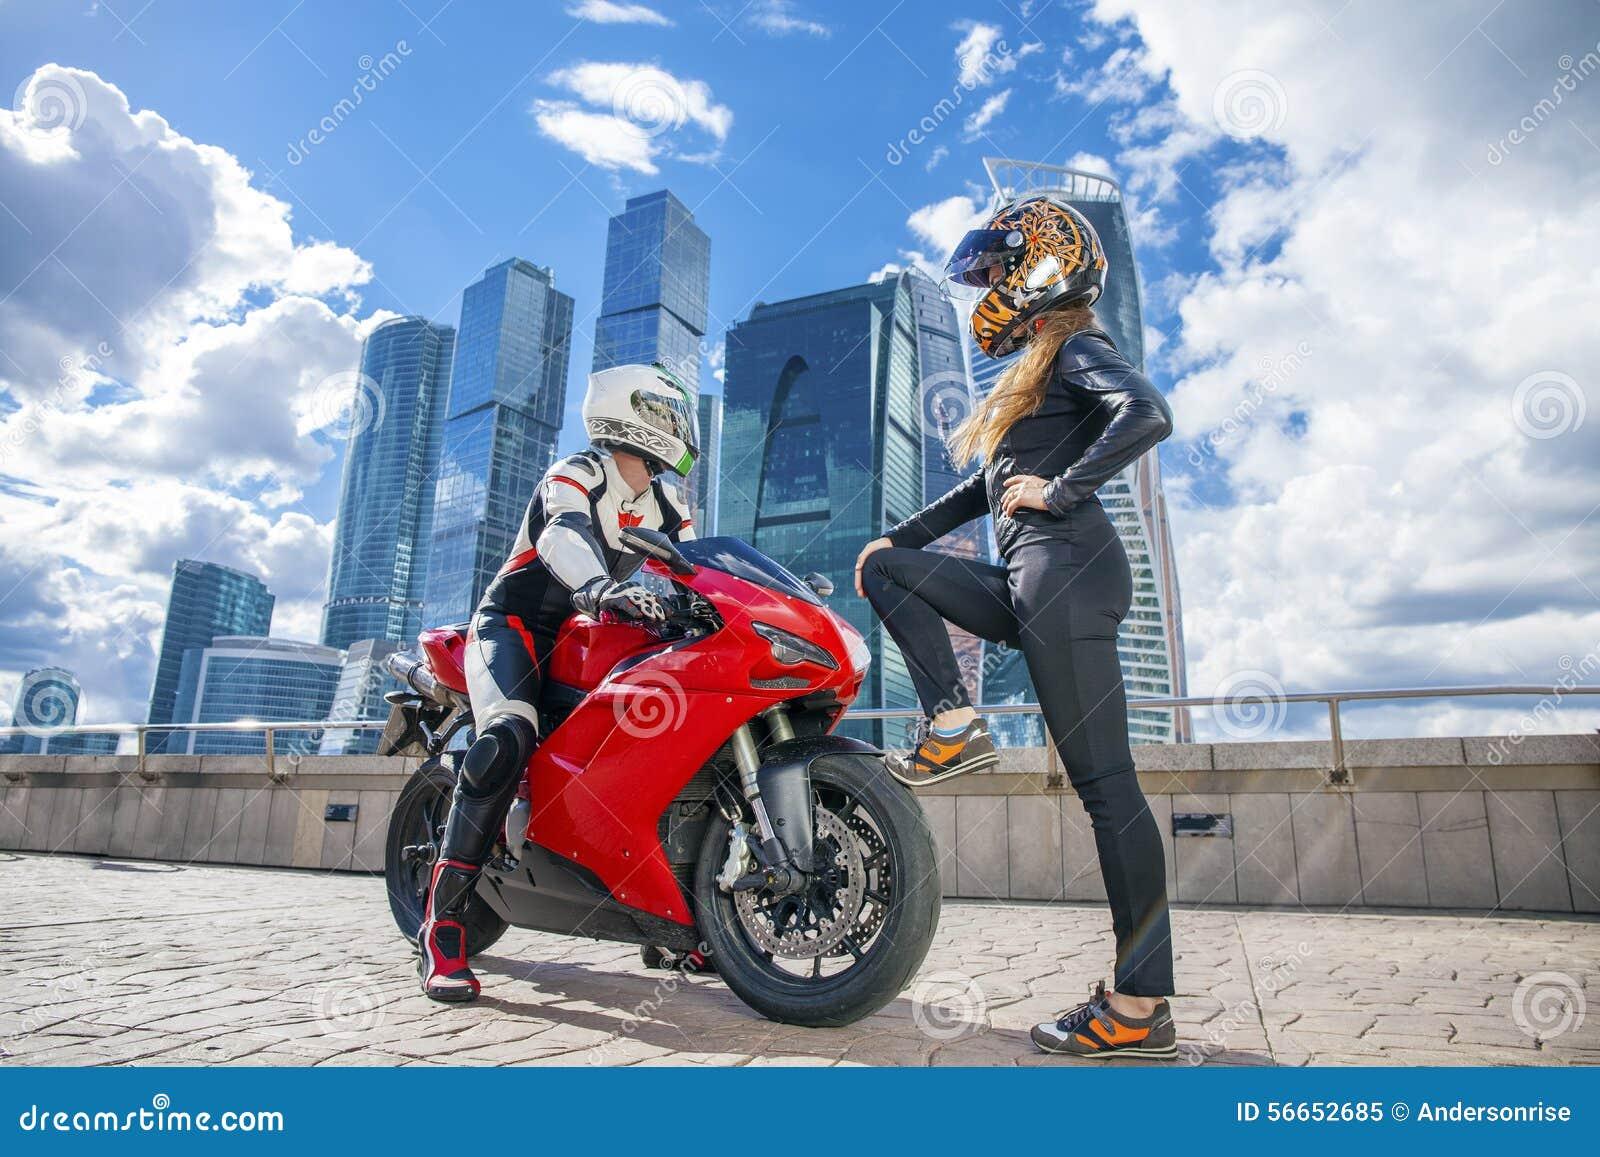 Сексуальная девушка у мотоцикла